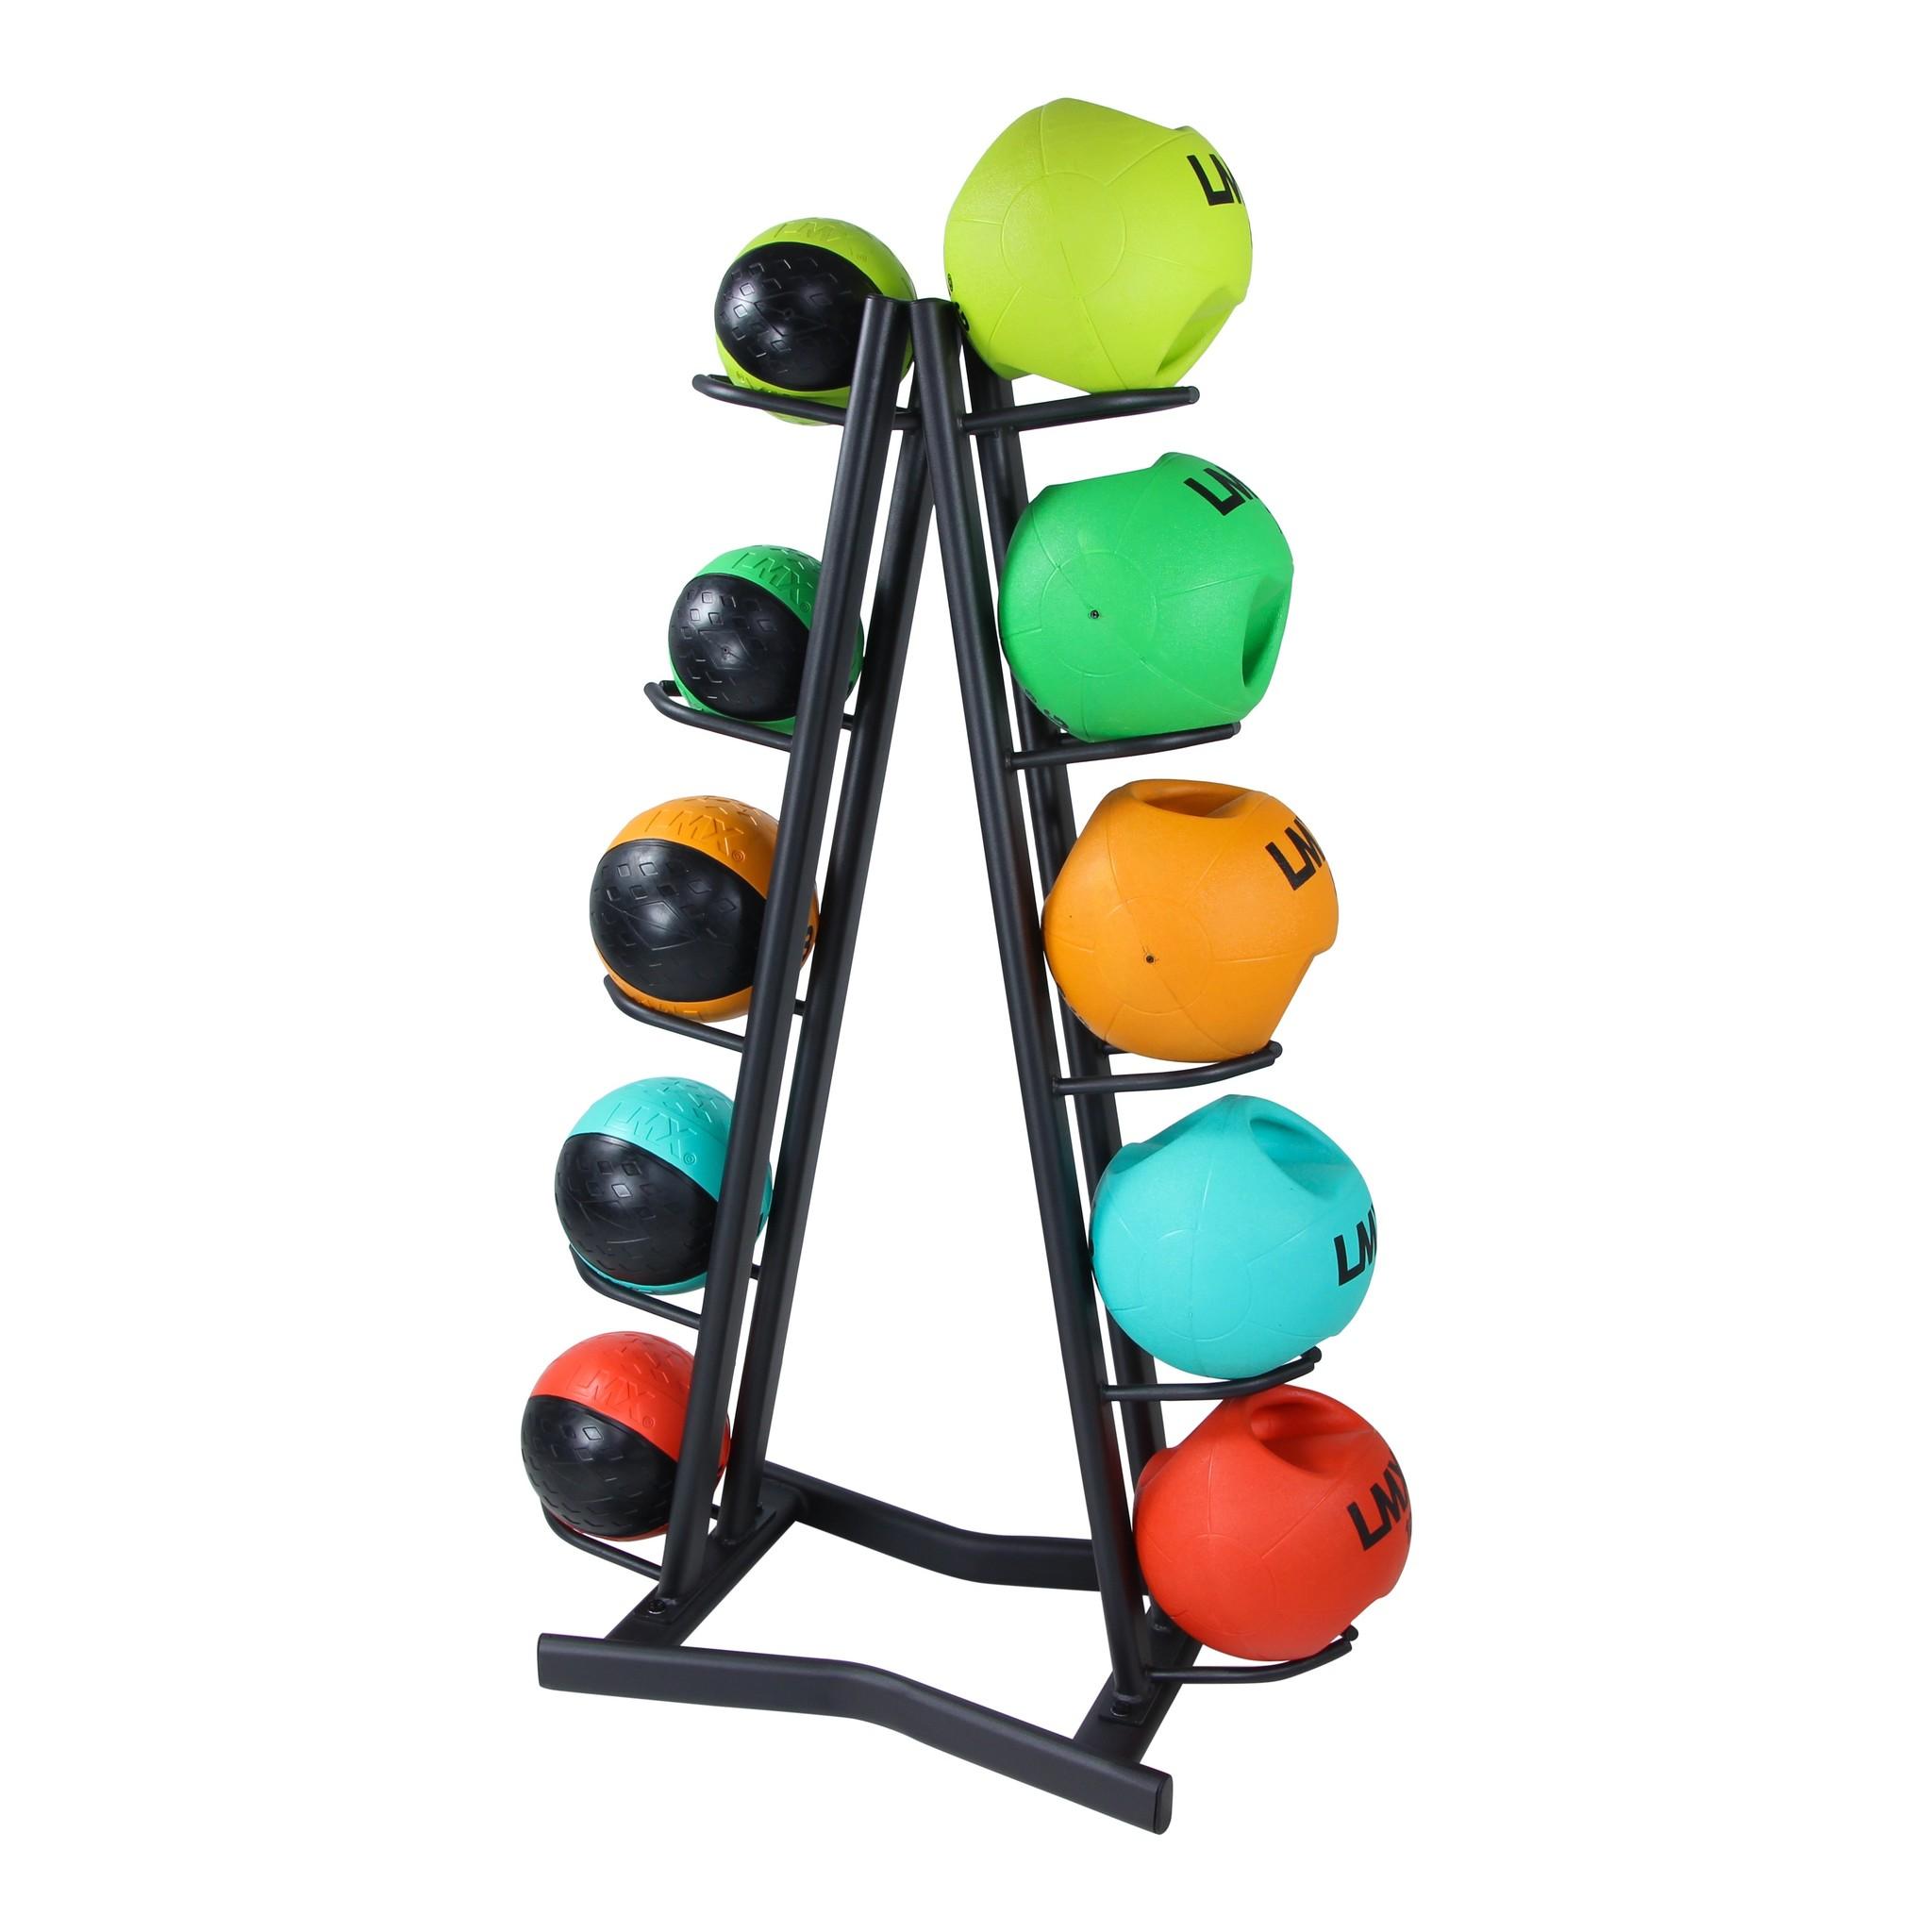 Lifemaxx® LMX1253 Medicineball rack. For 10 medicineballs (black)